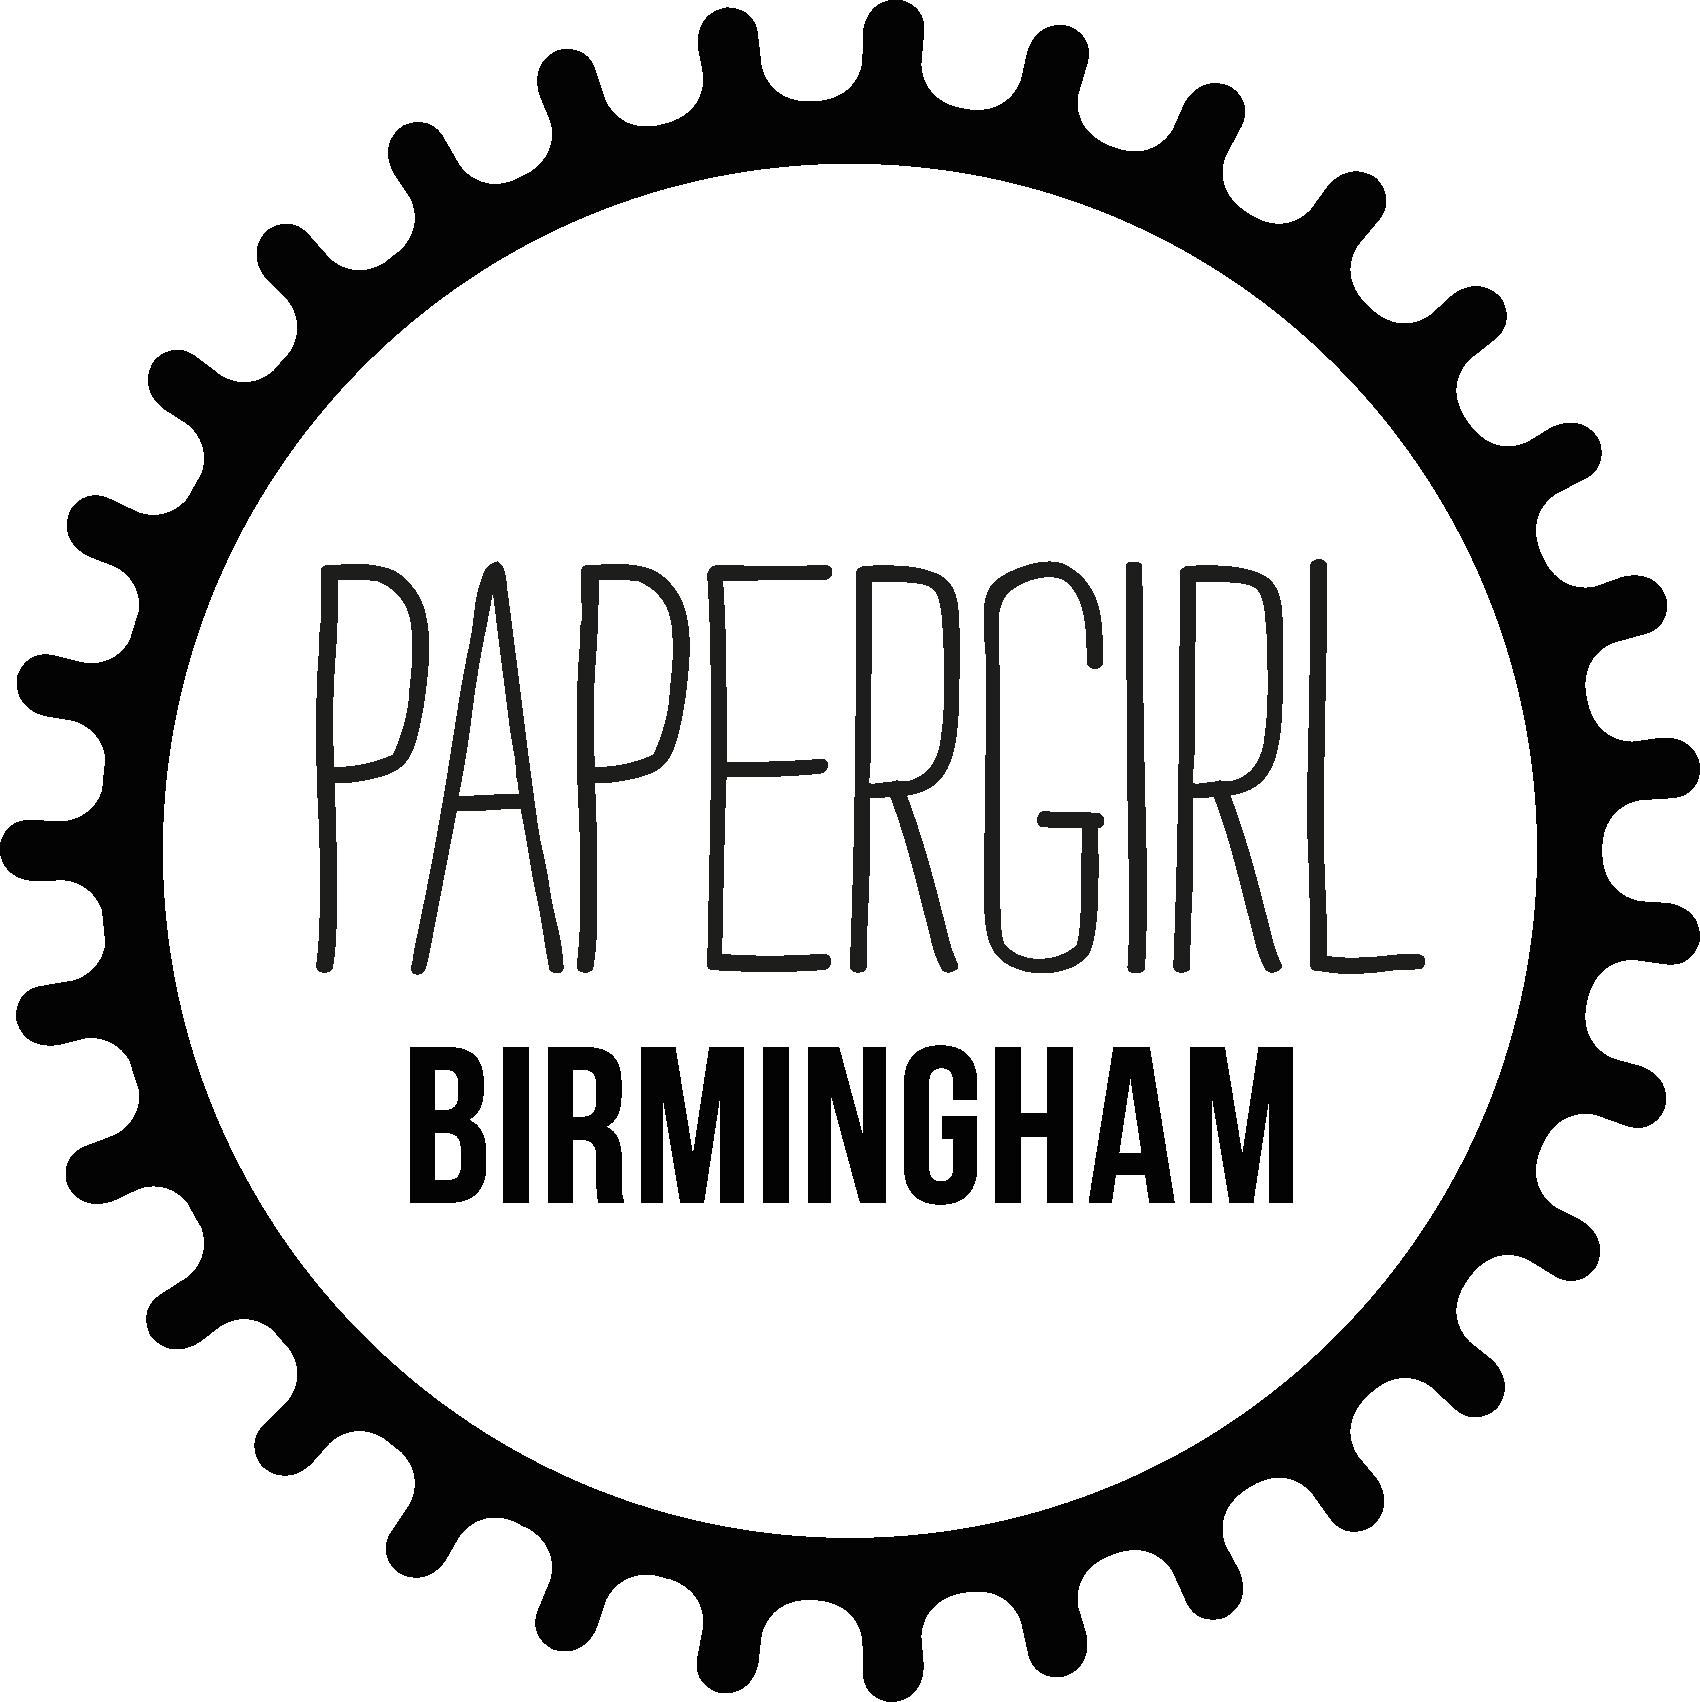 Papergirl Birmingham